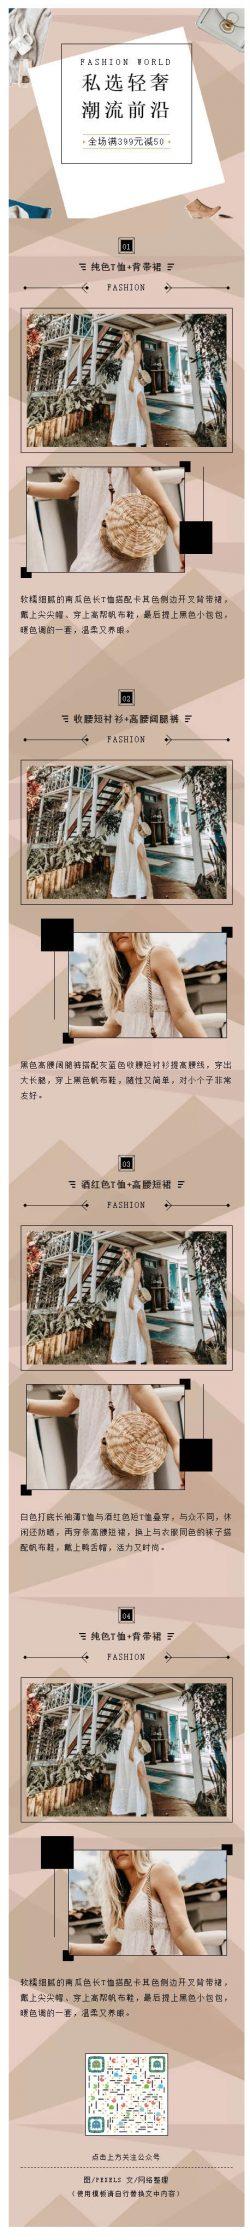 高档高端女装电商素材模板 推文图文微信推送文章模板微商